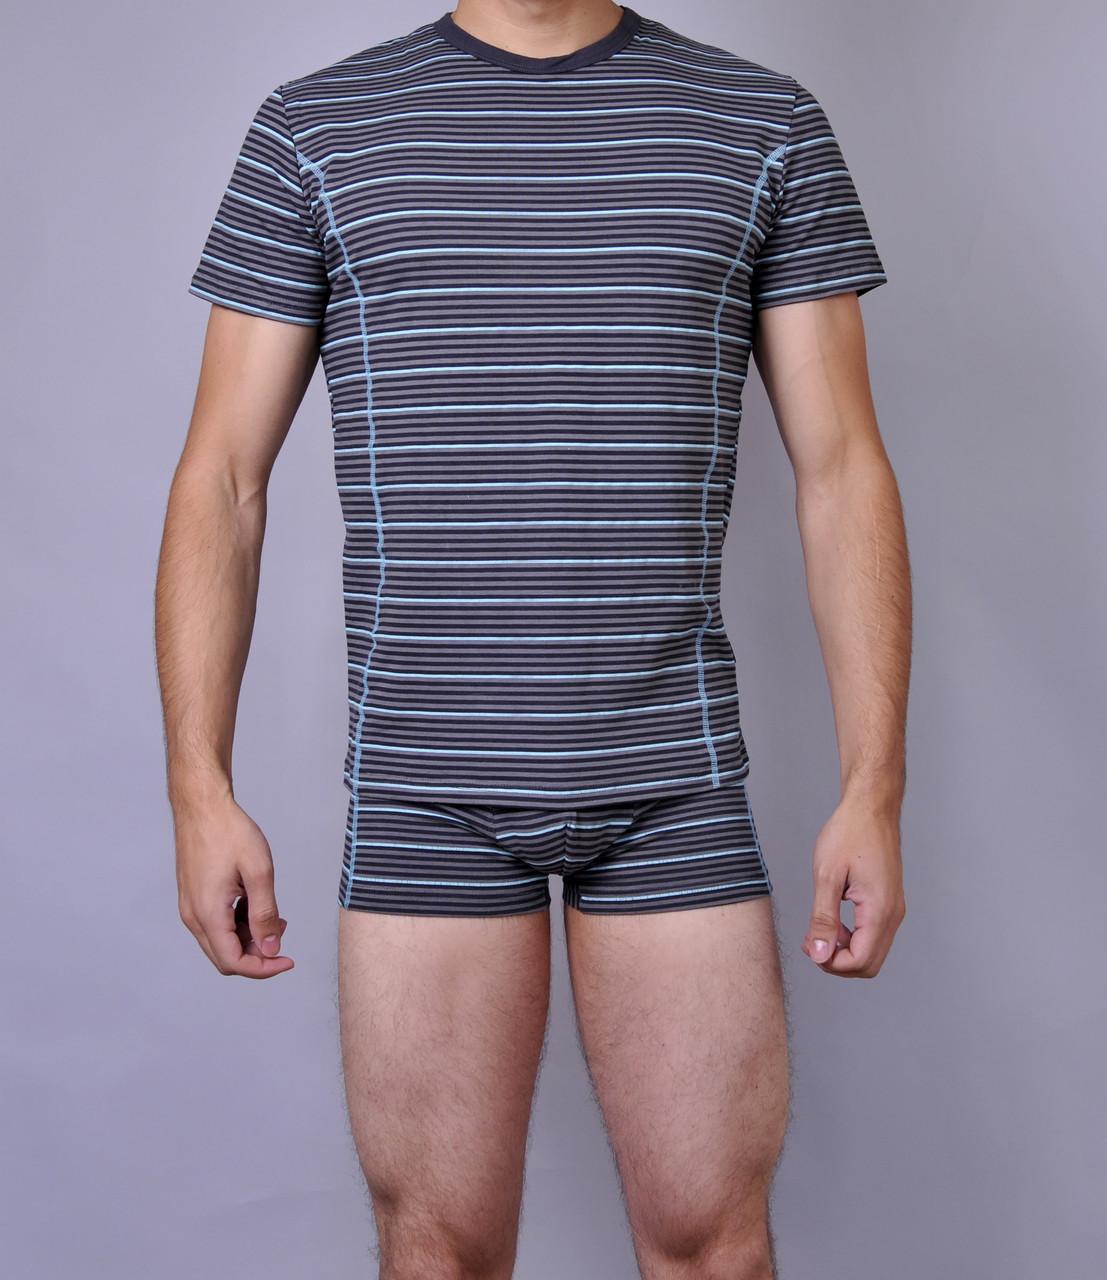 Мужская футболка  C+3 0115 M Синий